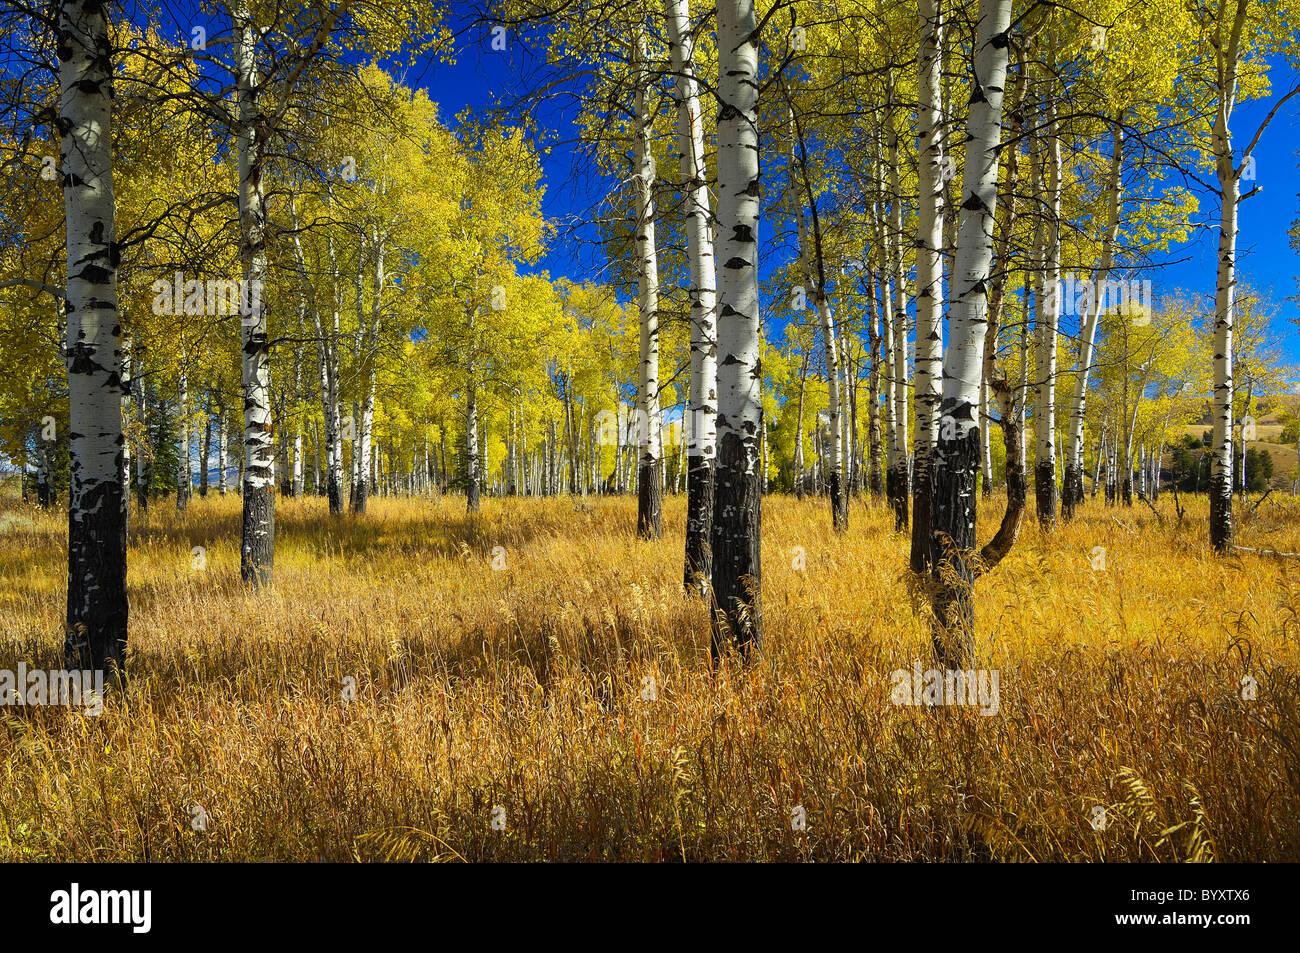 Grand Teton Aspens - Stock Image